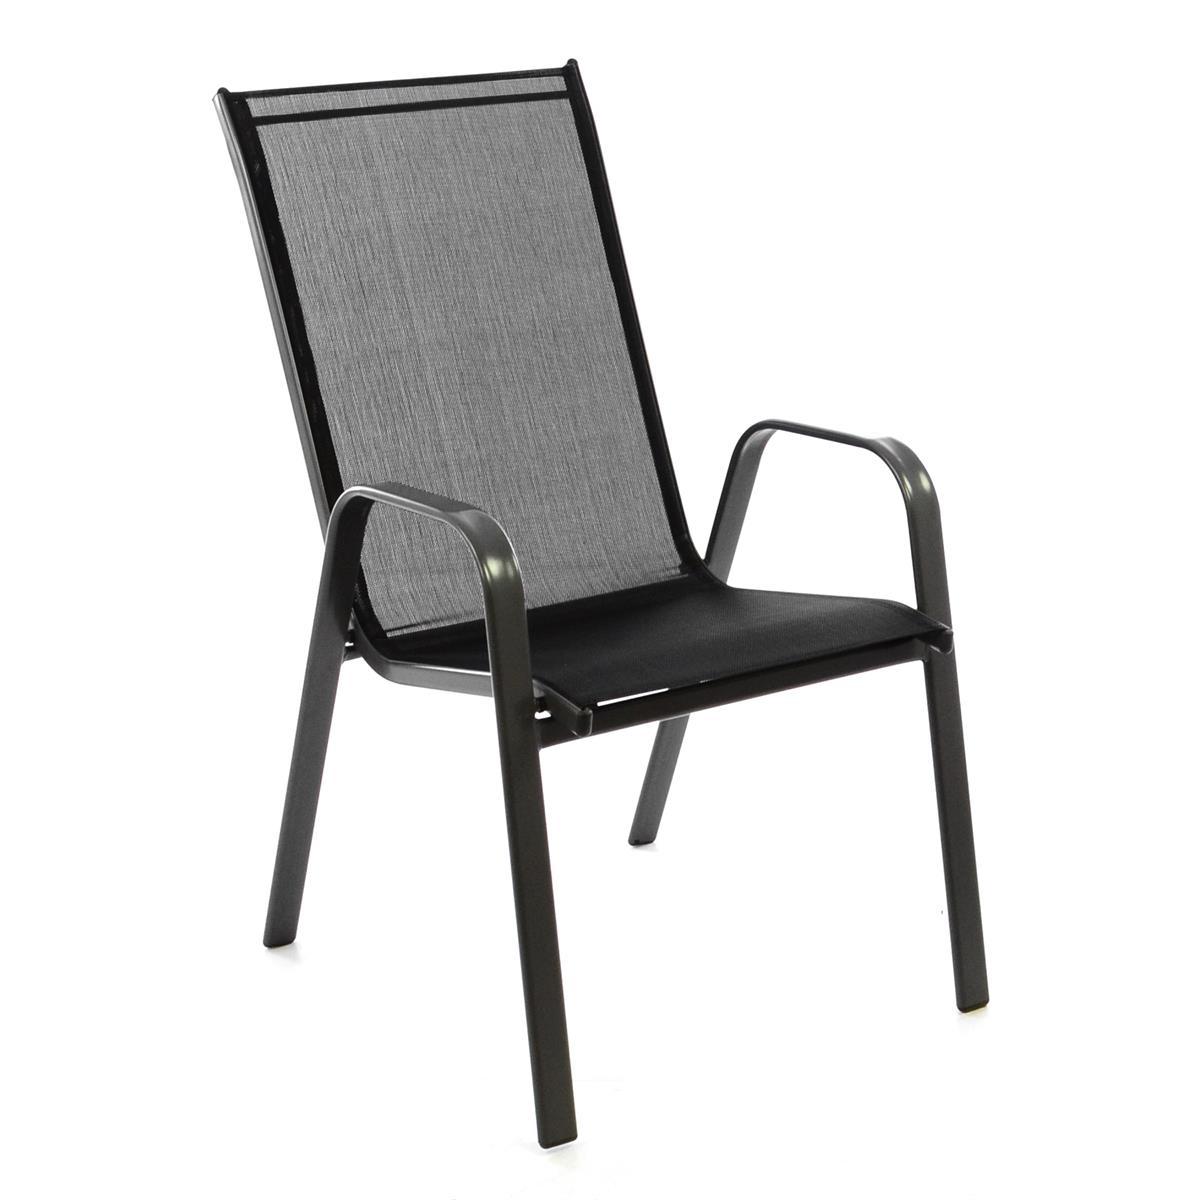 Gartenstuhl Stapelstuhl Stapelsessel Rahmen dunkelgrau Textilene schwarz Stahl